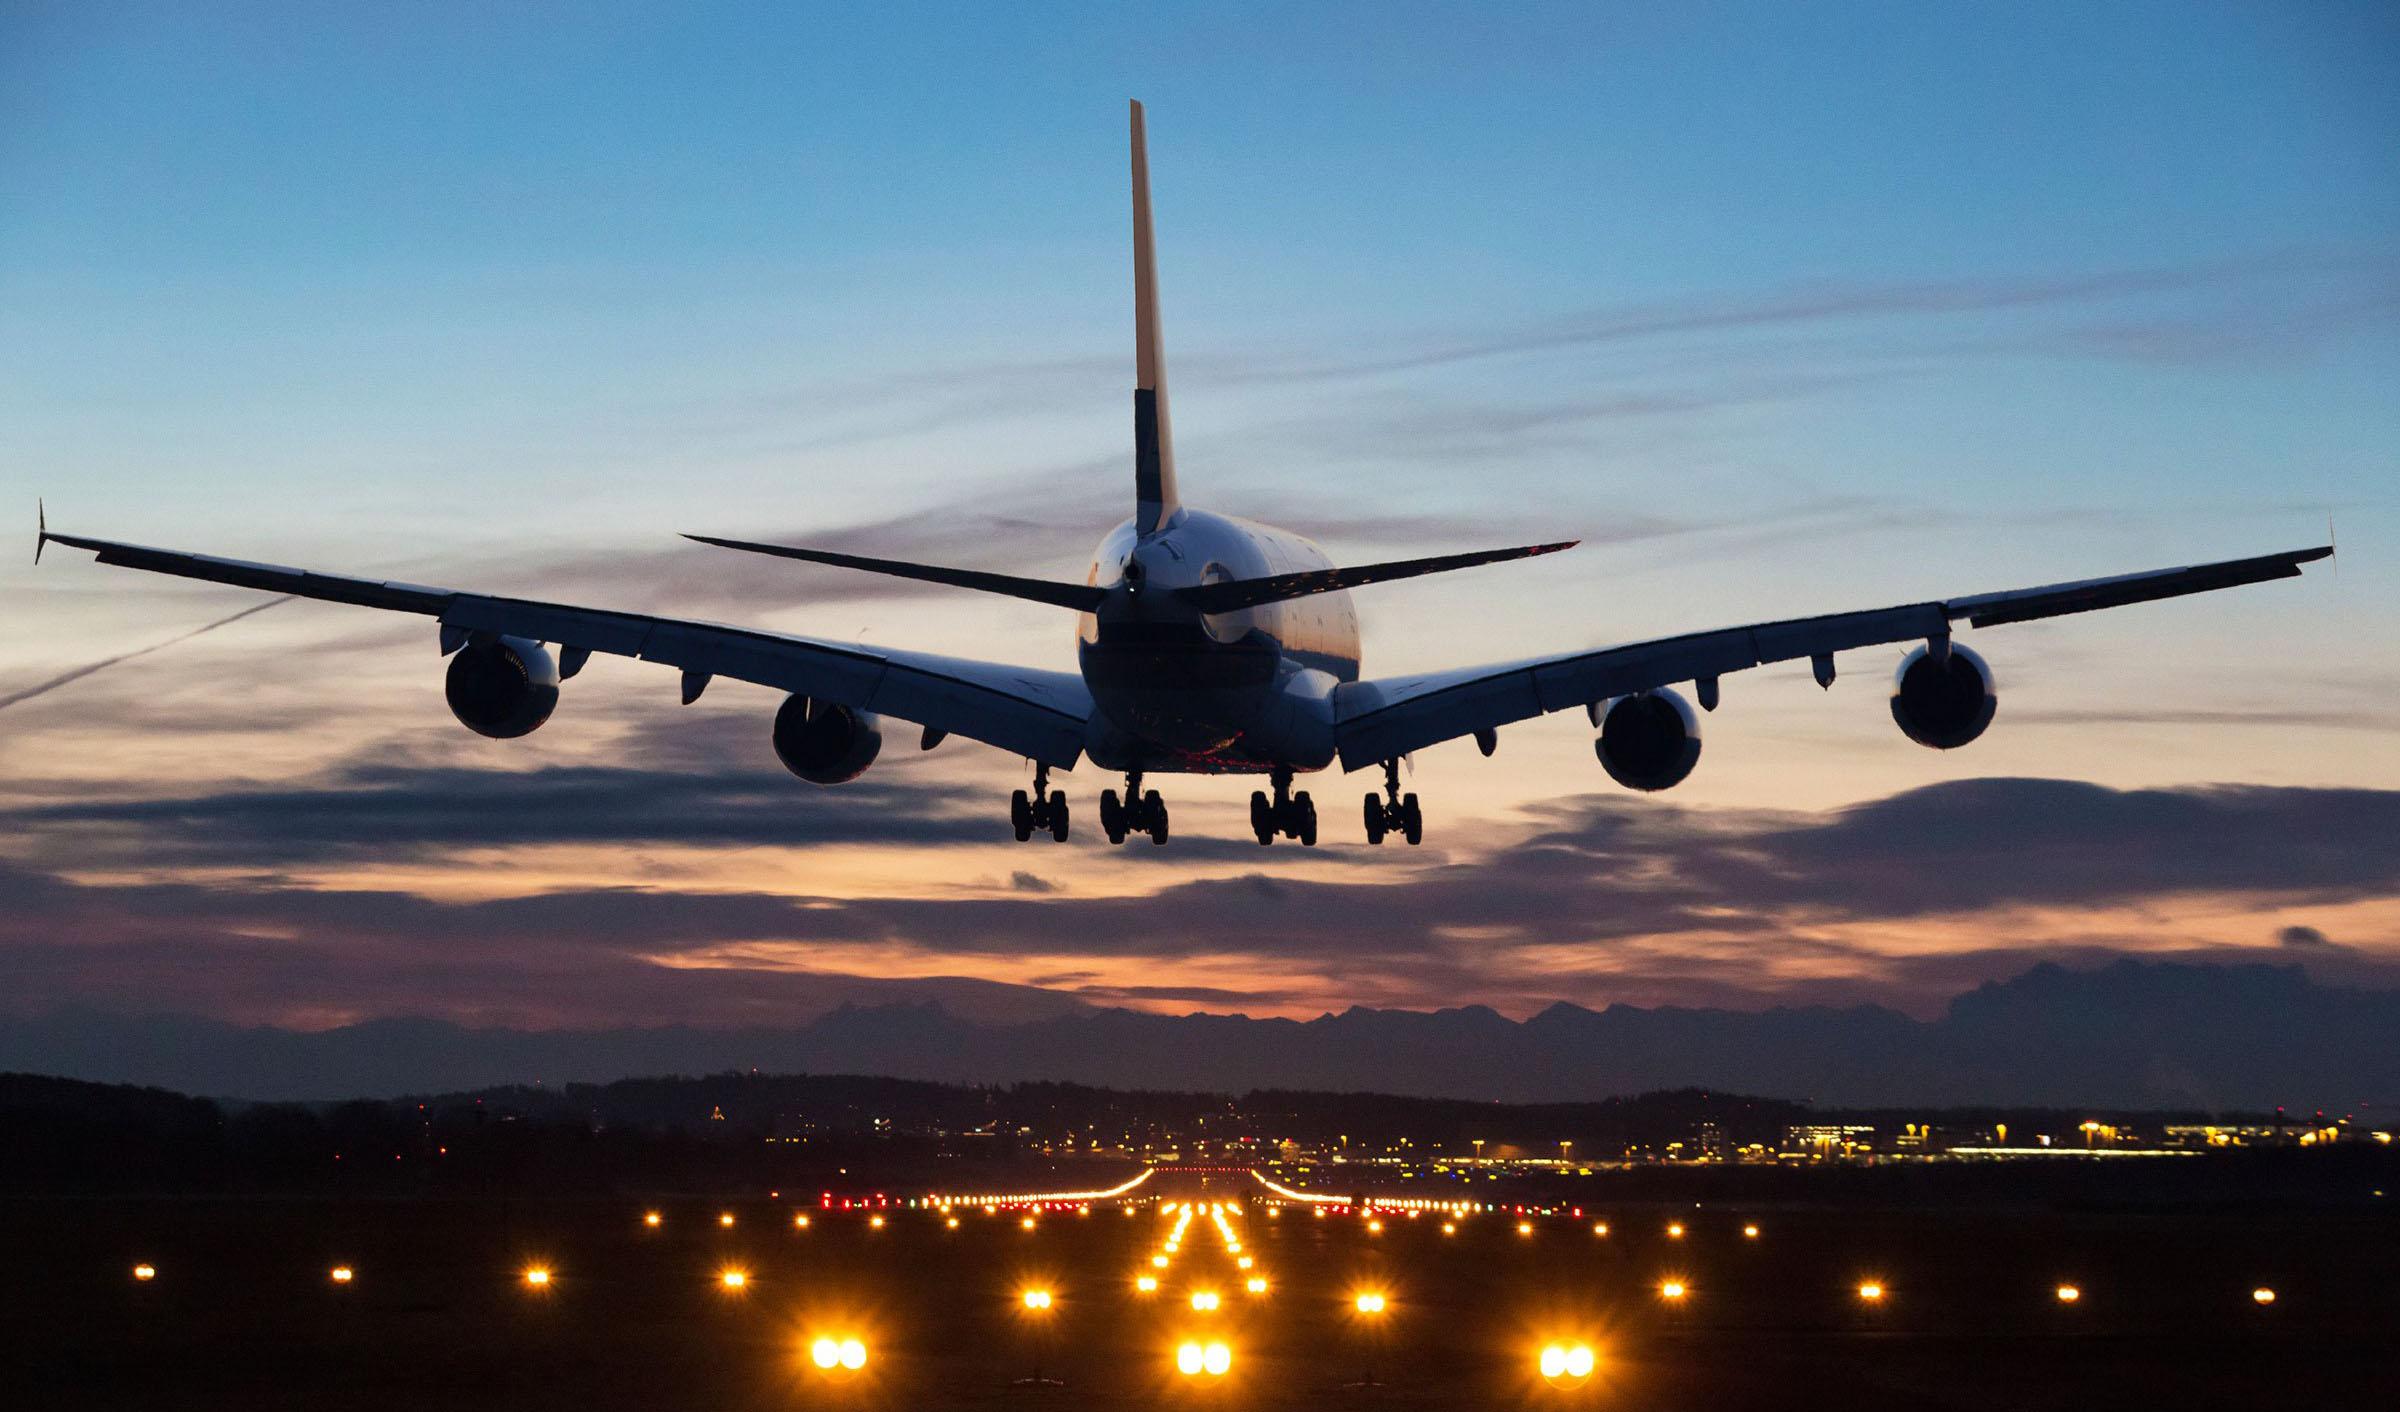 ارز نیمایی بلیت سفر با ایرلاین های خارجی حذف می شود